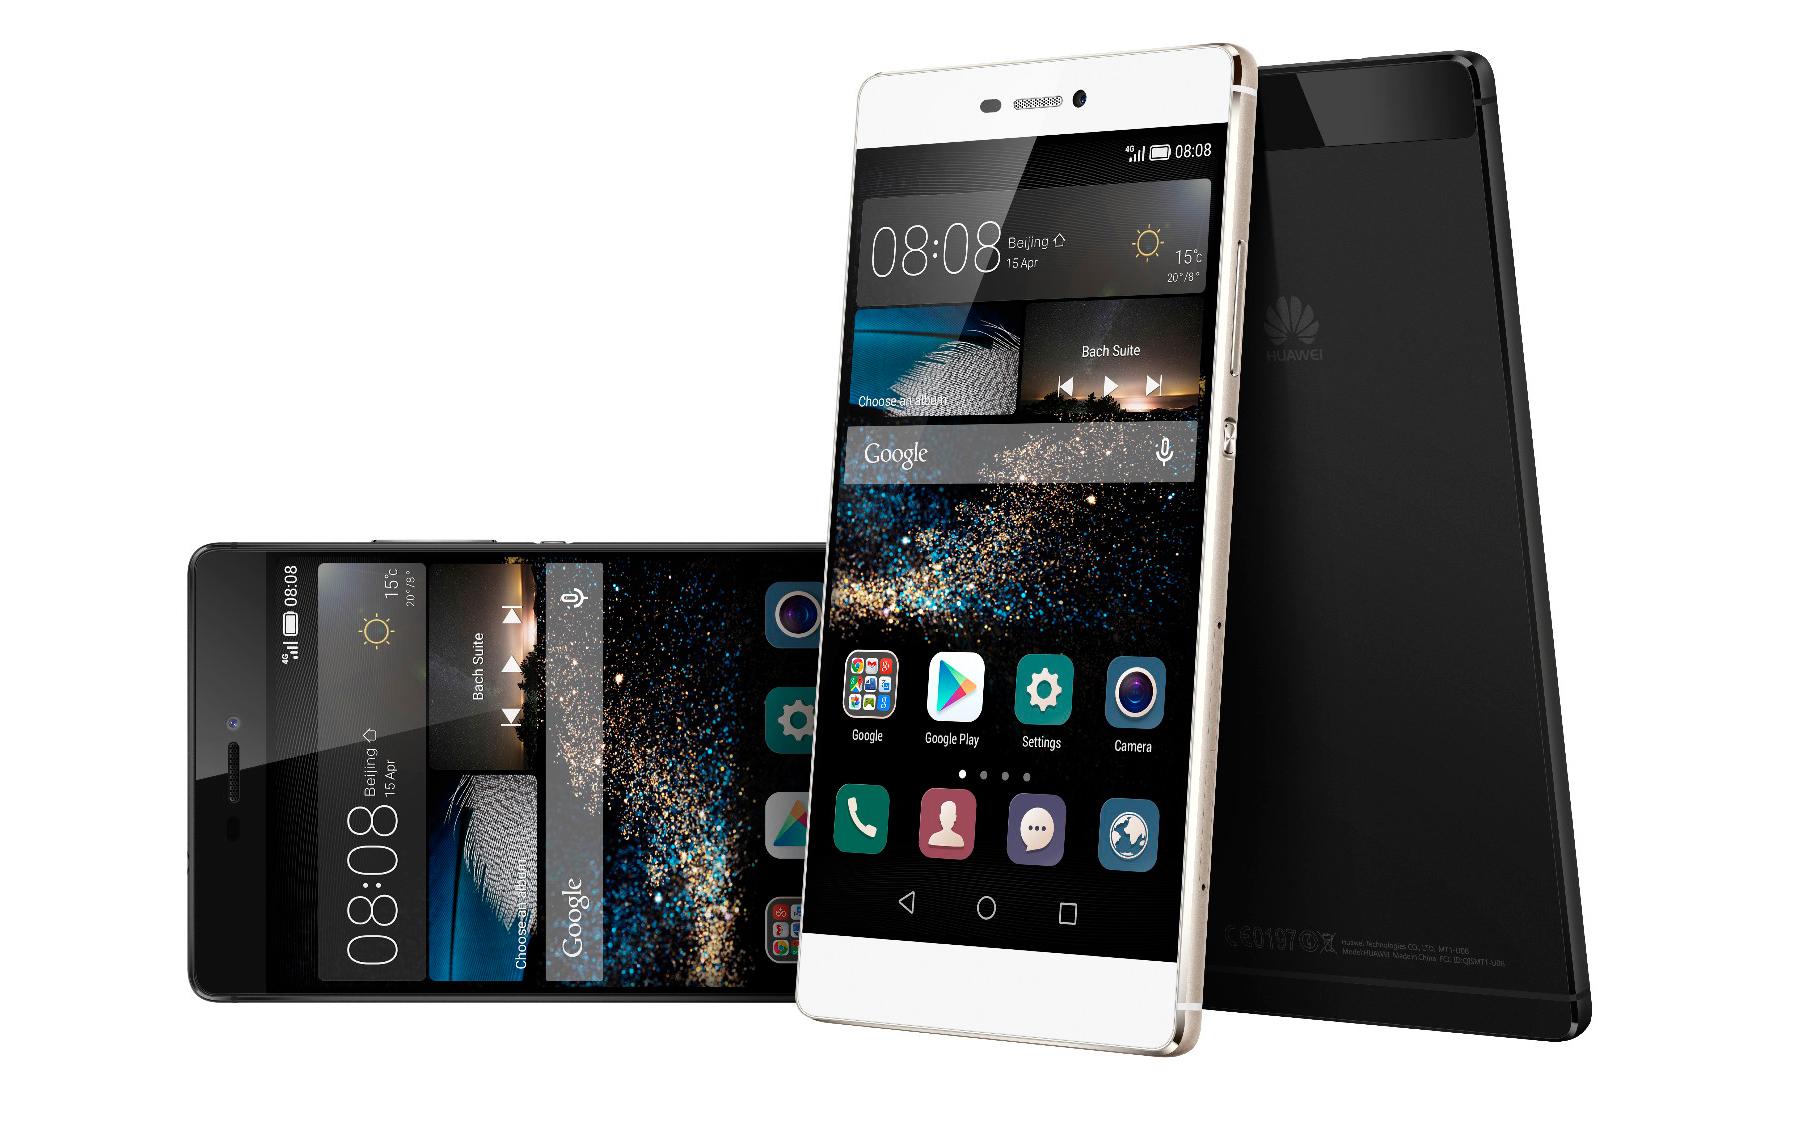 huawei p8 fiche technique et prix du smartphone dual sim 4g meilleur mobile. Black Bedroom Furniture Sets. Home Design Ideas